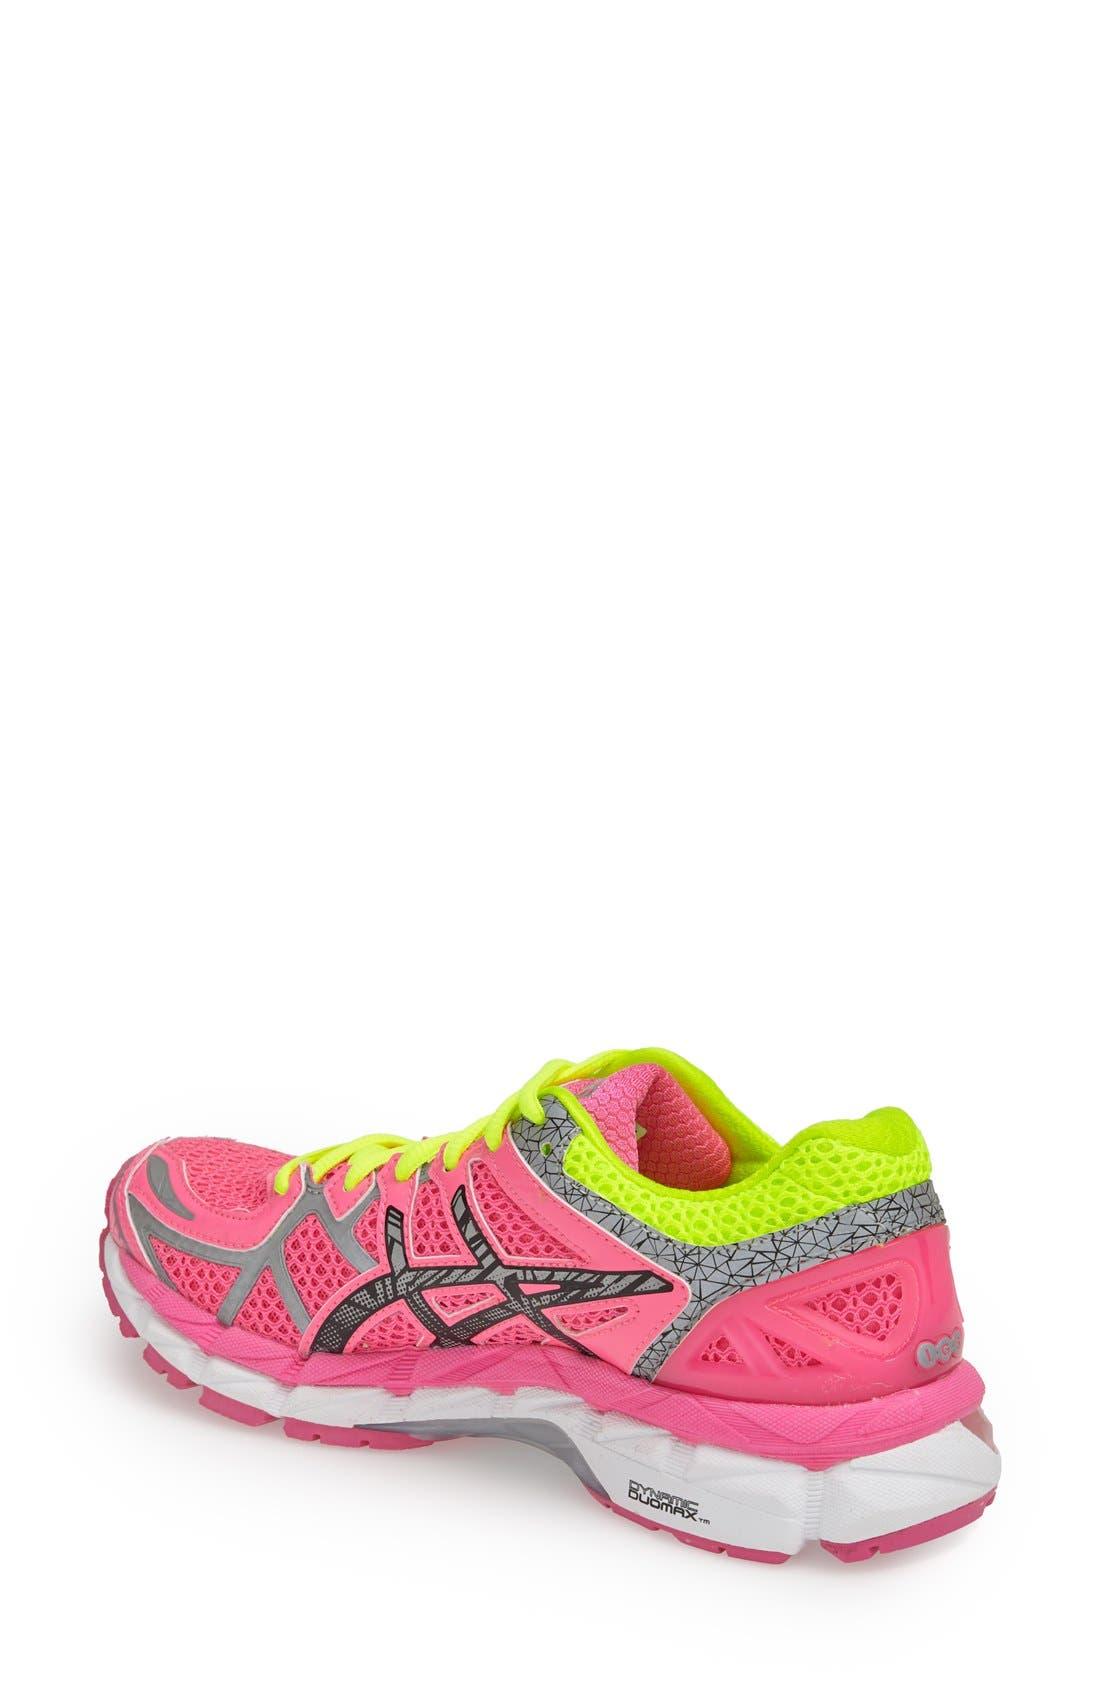 Alternate Image 2  - ASICS 'GEL-Kayano® 21' Running Shoe (Women)